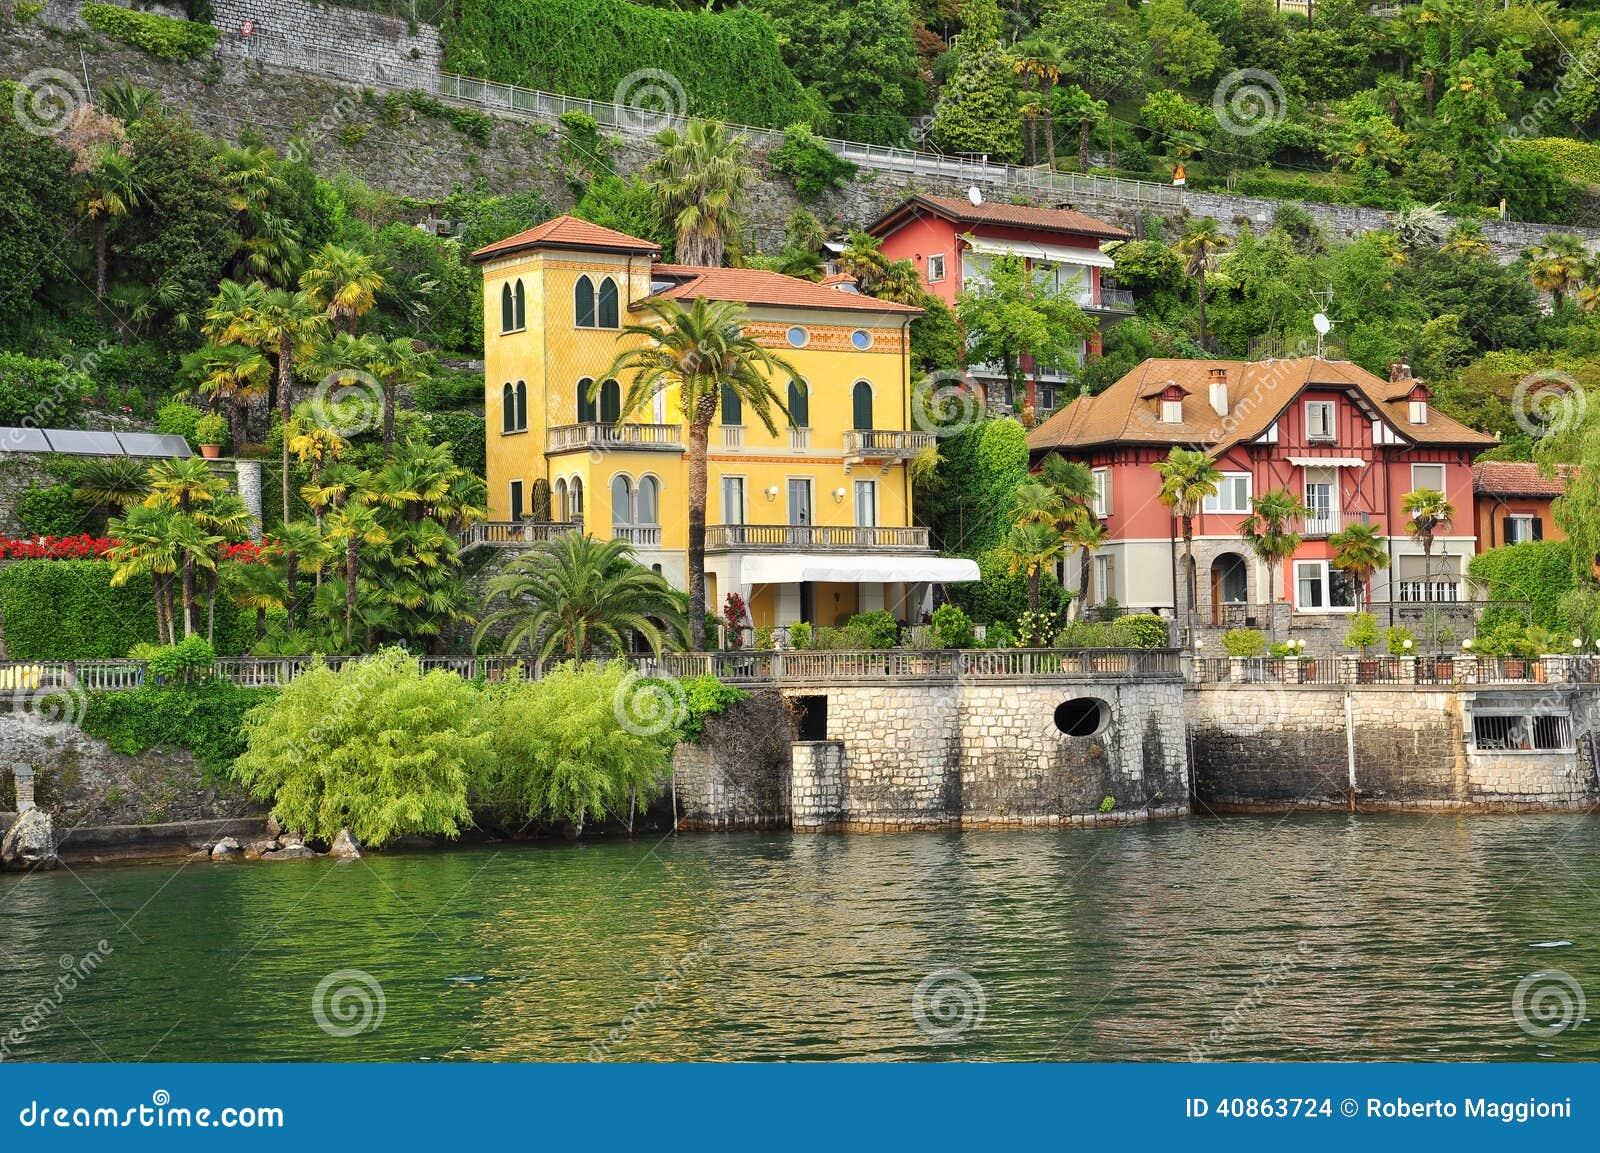 italian villas lake lago maggiore shore stock photo image 40863724. Black Bedroom Furniture Sets. Home Design Ideas